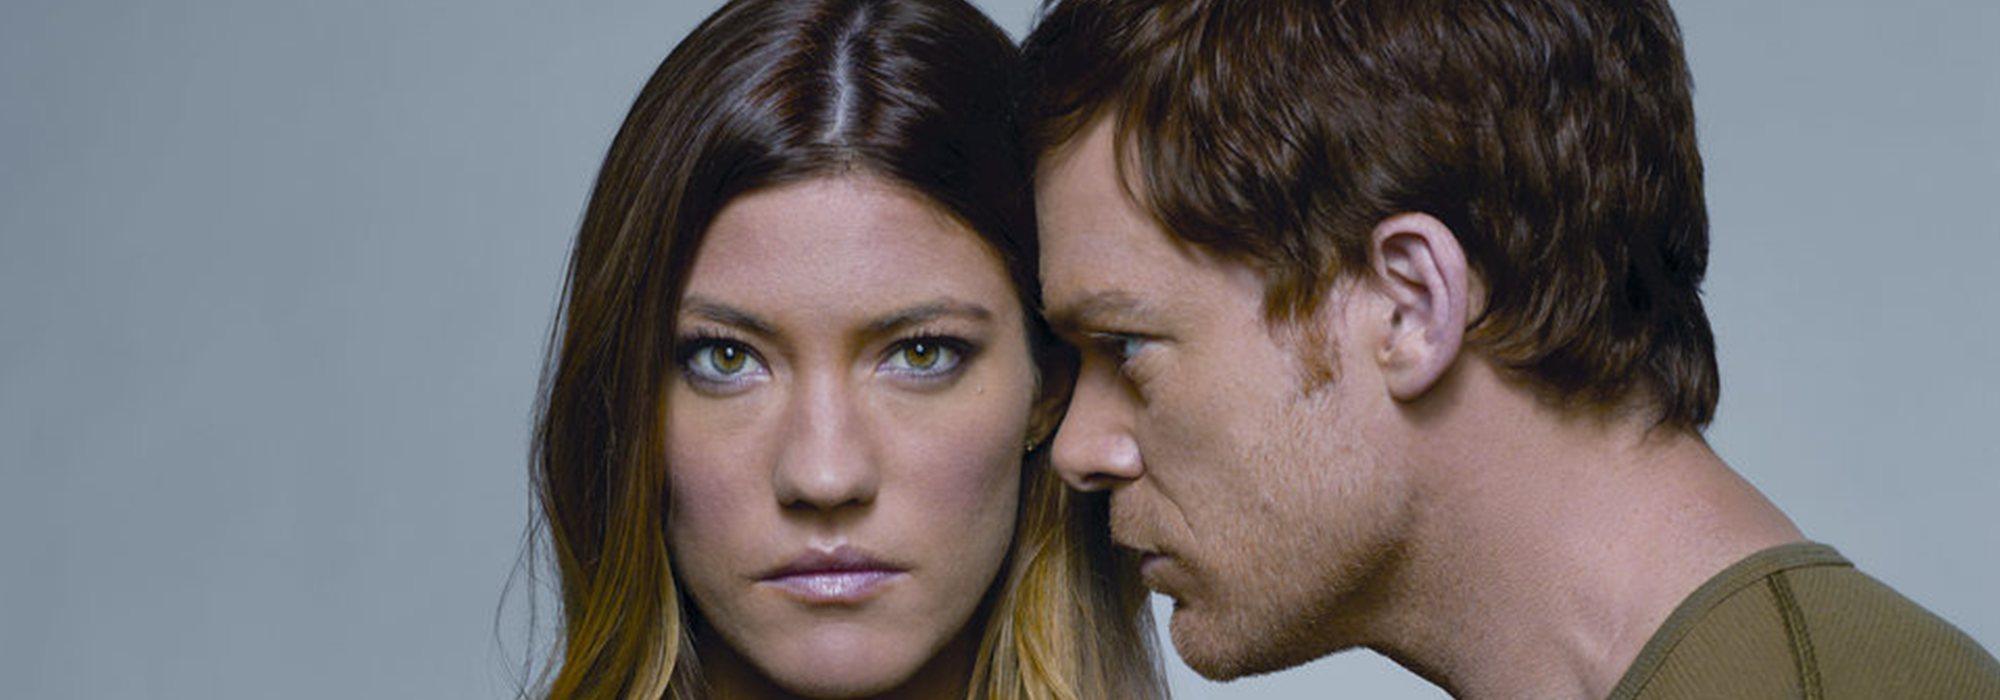 Todo lo que se ha hablado sobre la secuela o spin-off de 'Dexter'